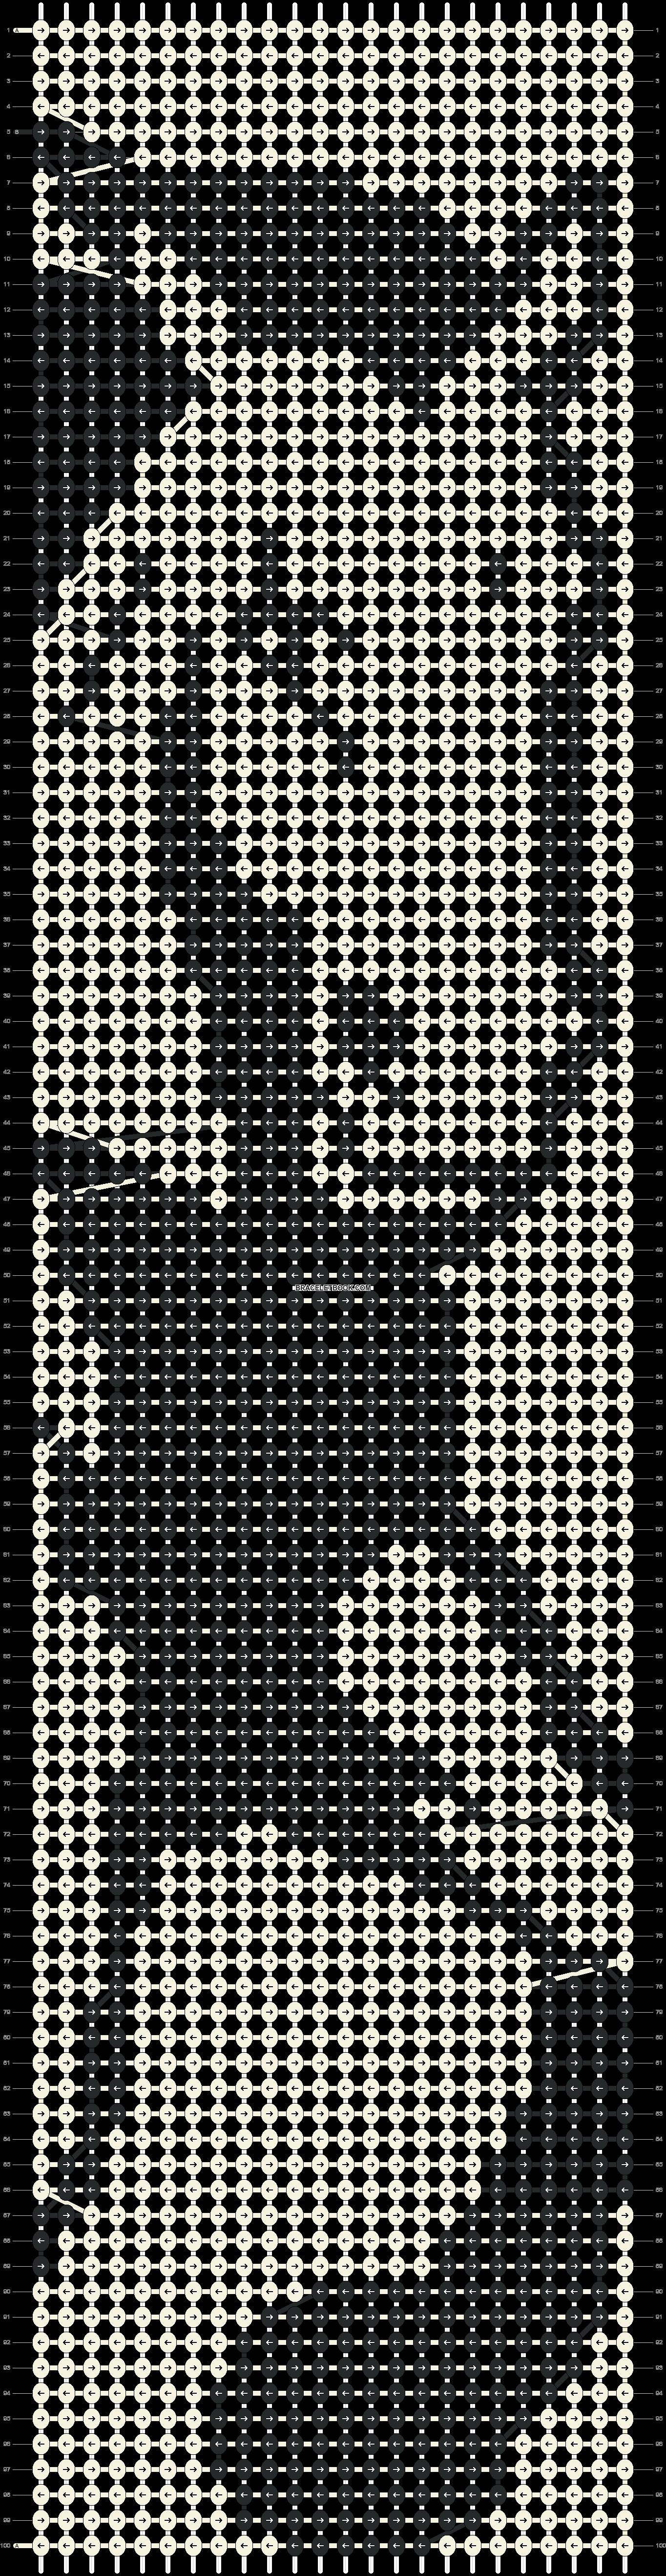 Alpha Pattern #1444 added by Tykers